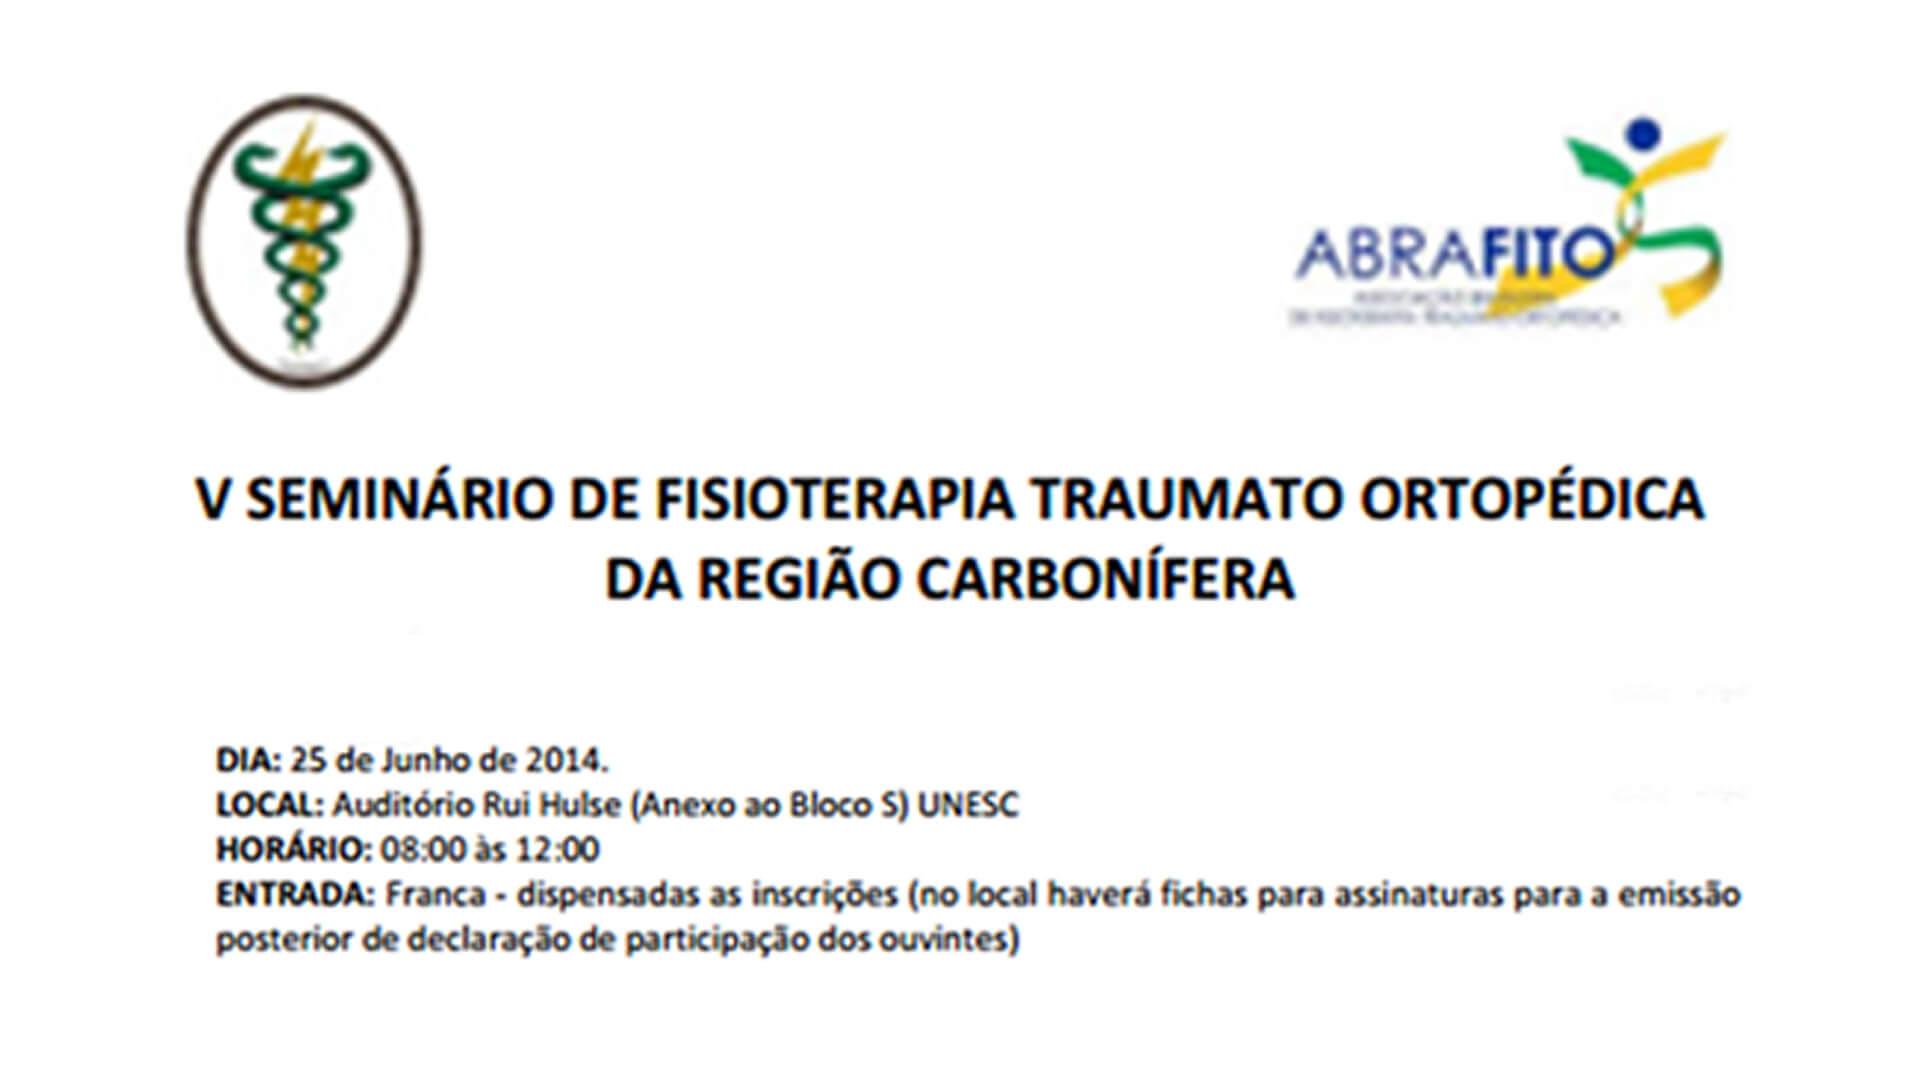 V SEMINÁRIO DE FISIOTERAPIA TRAUMATO-ORTOPÉDICA DA REGIÃO CARBONÍFERA (CRICÍUMA - SC)